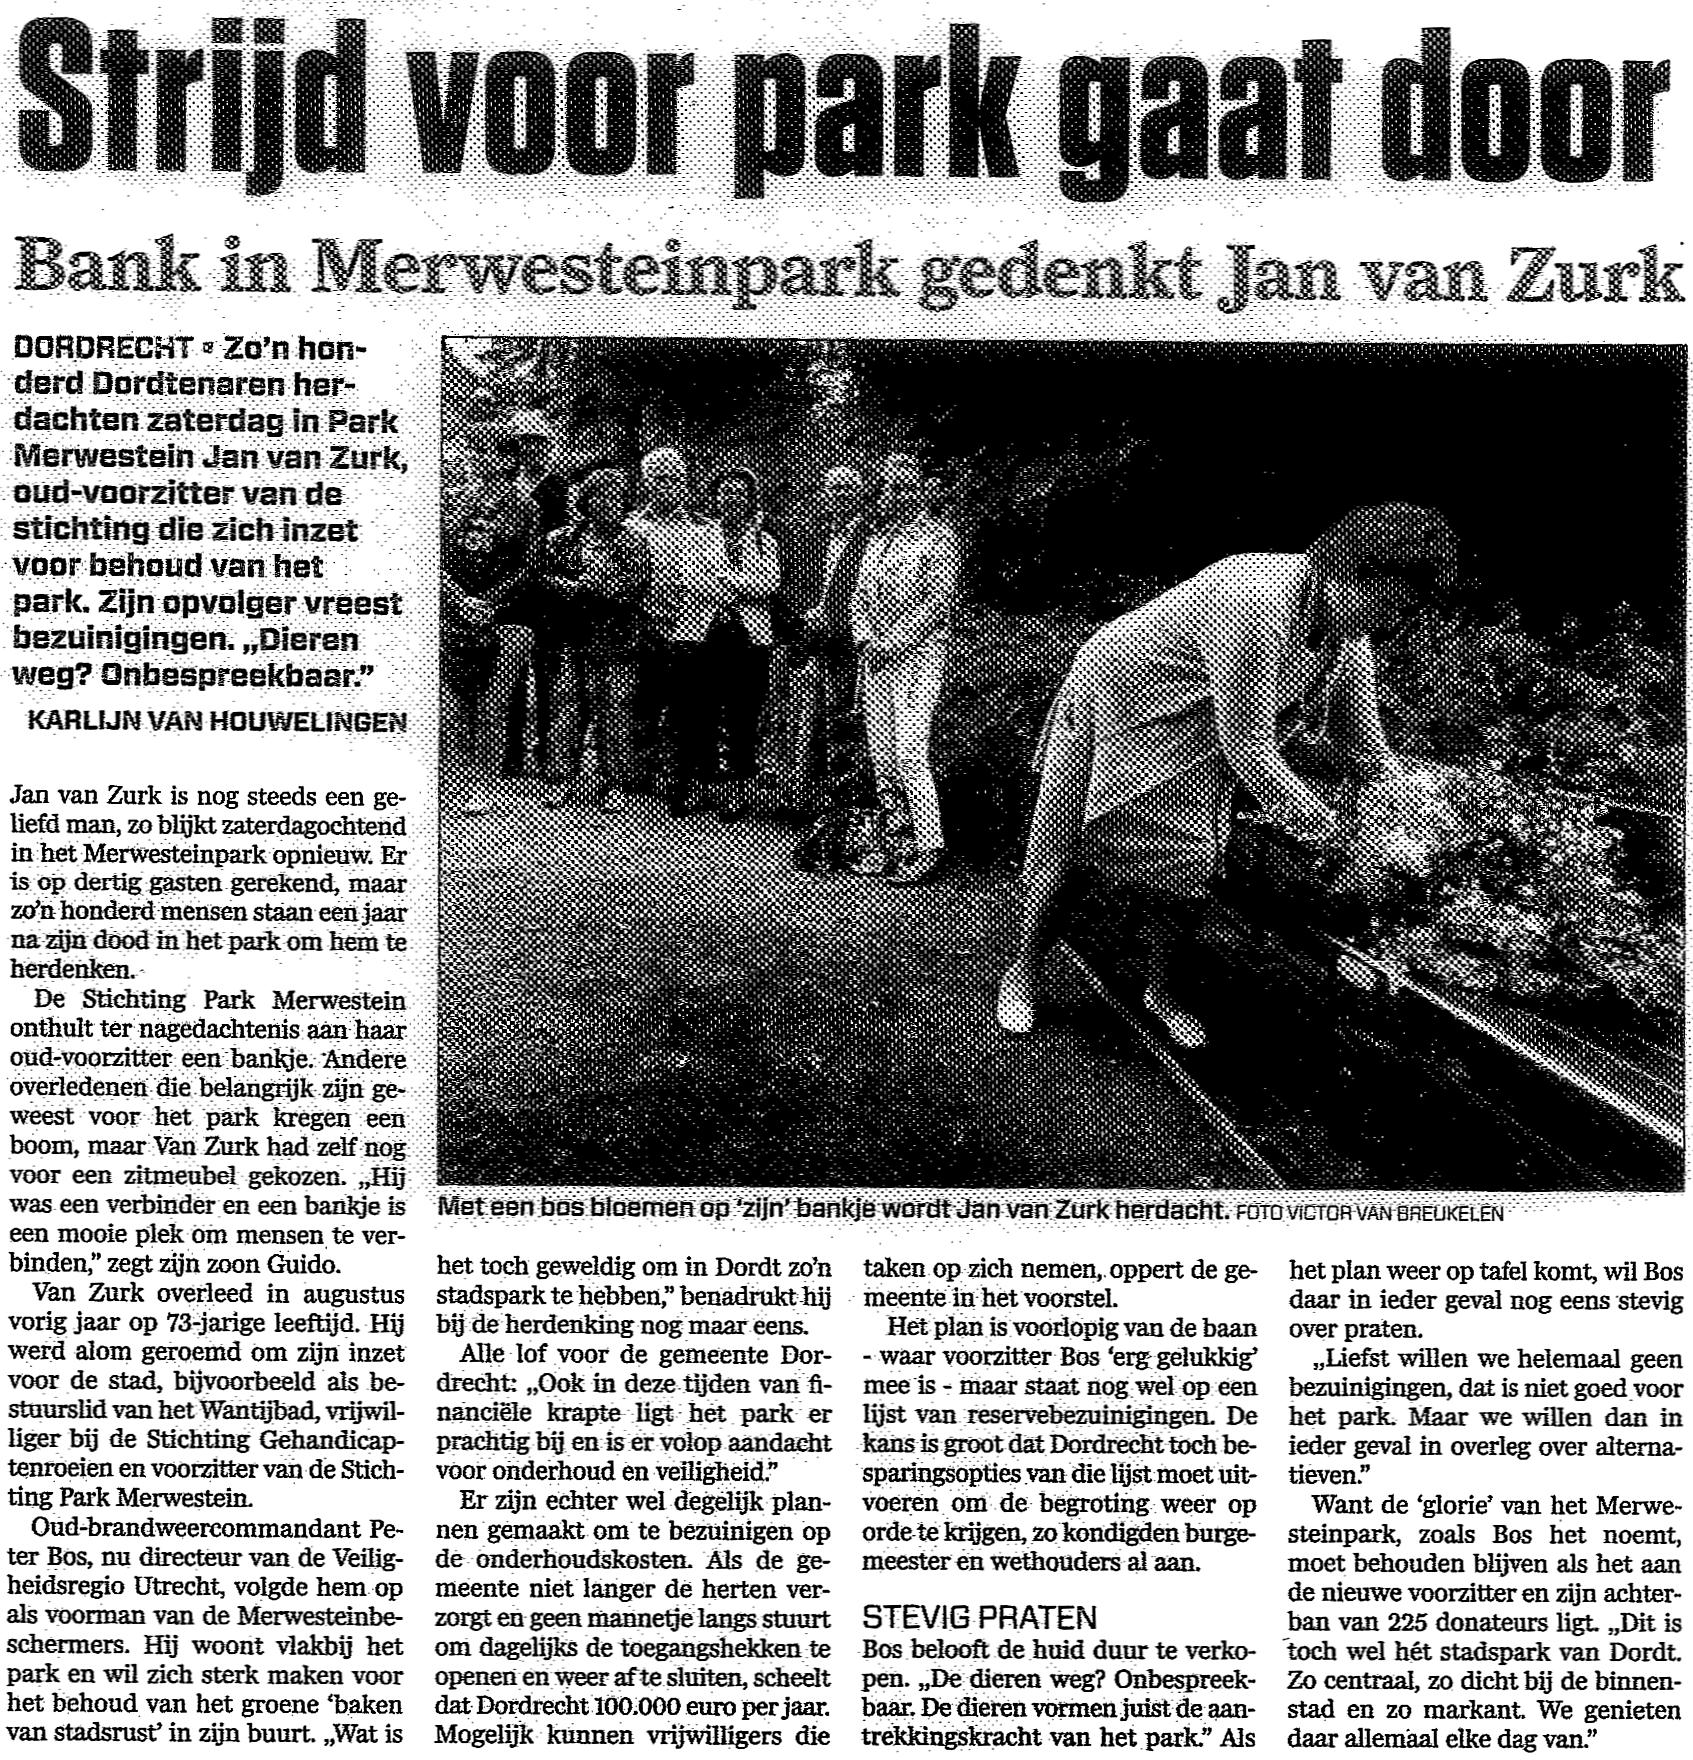 Algemeen Dagblad, 09-09-2013